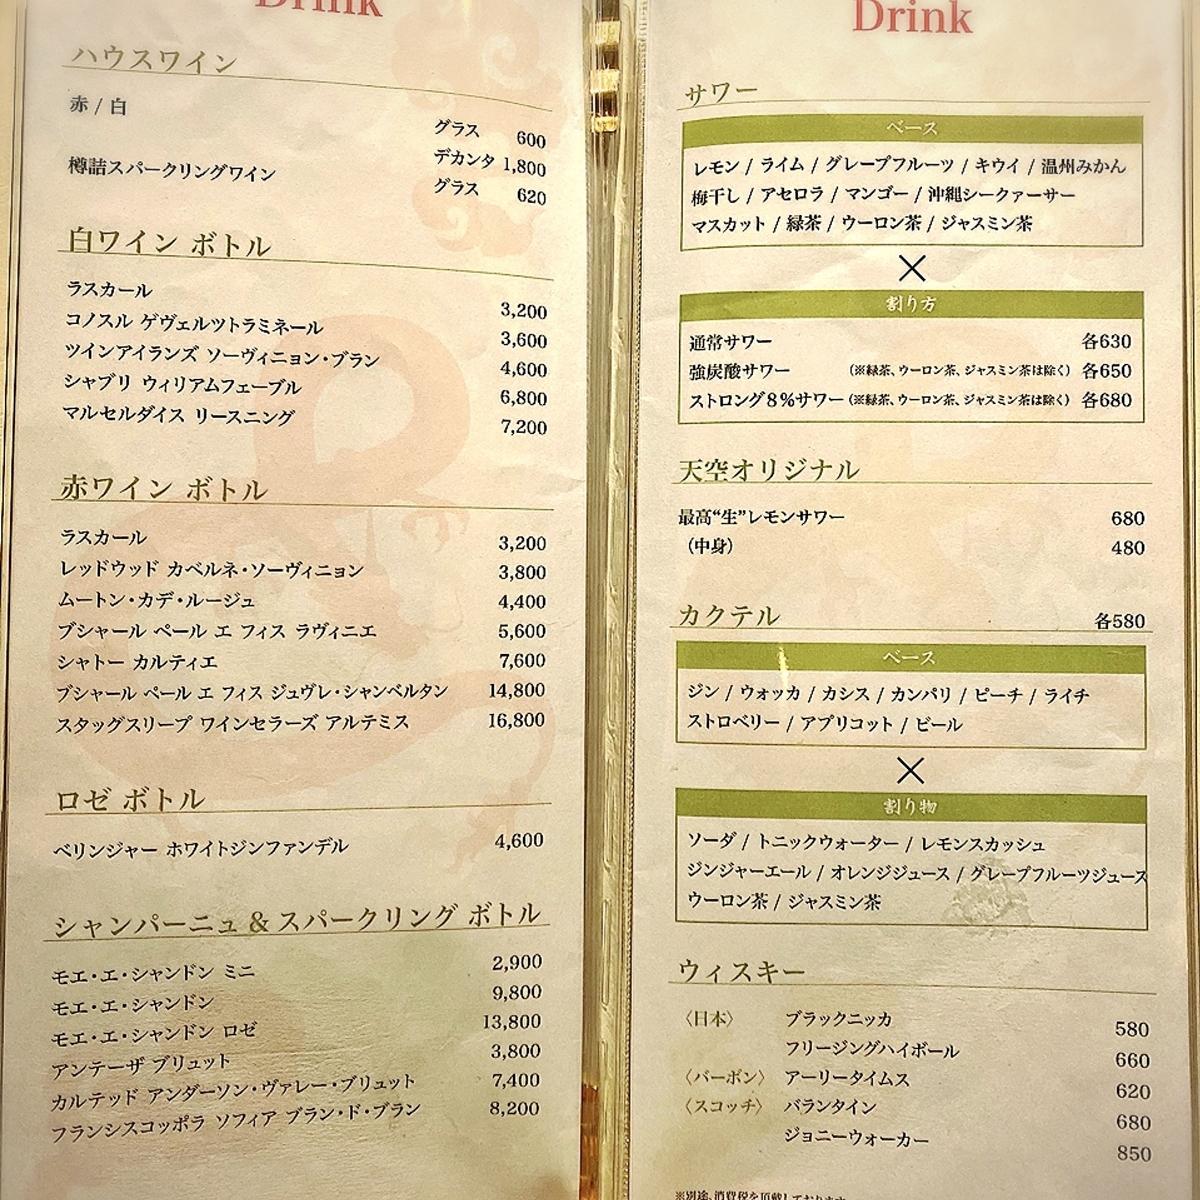 「天空飲茶酒家」のメニューと値段2